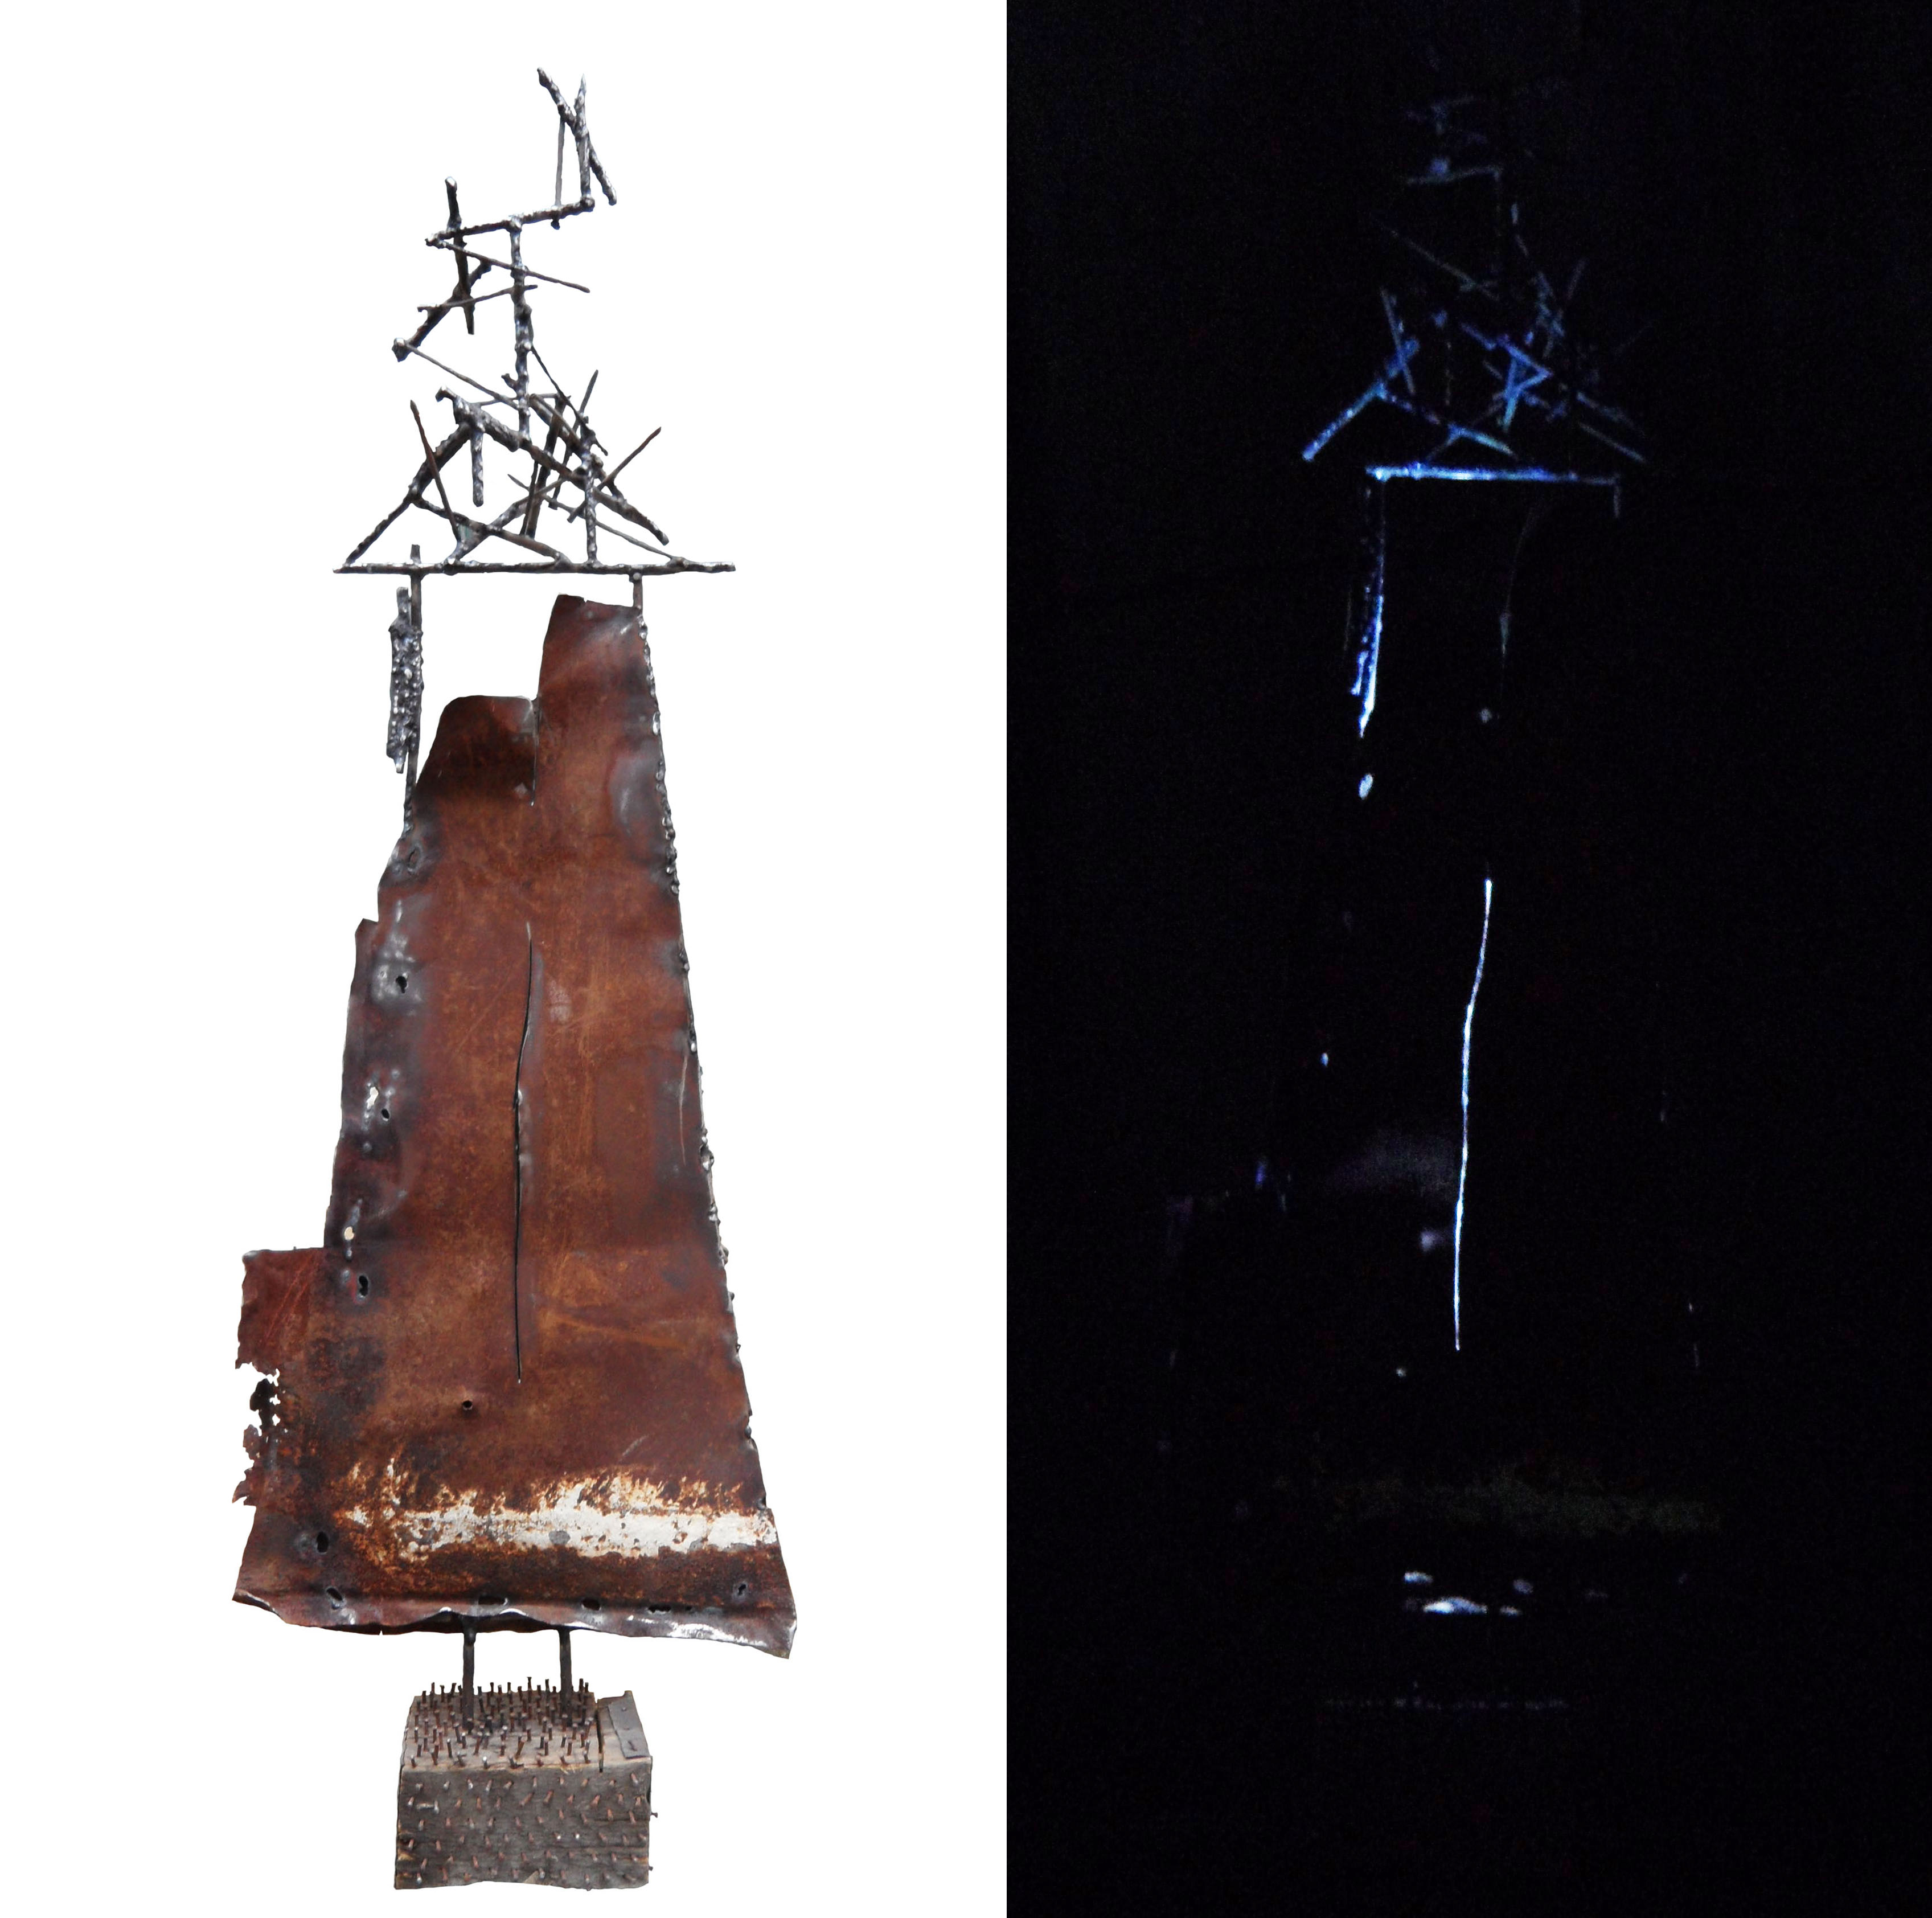 Происхождение, 90х50х30 см, 2016, металл, дерево, сварка